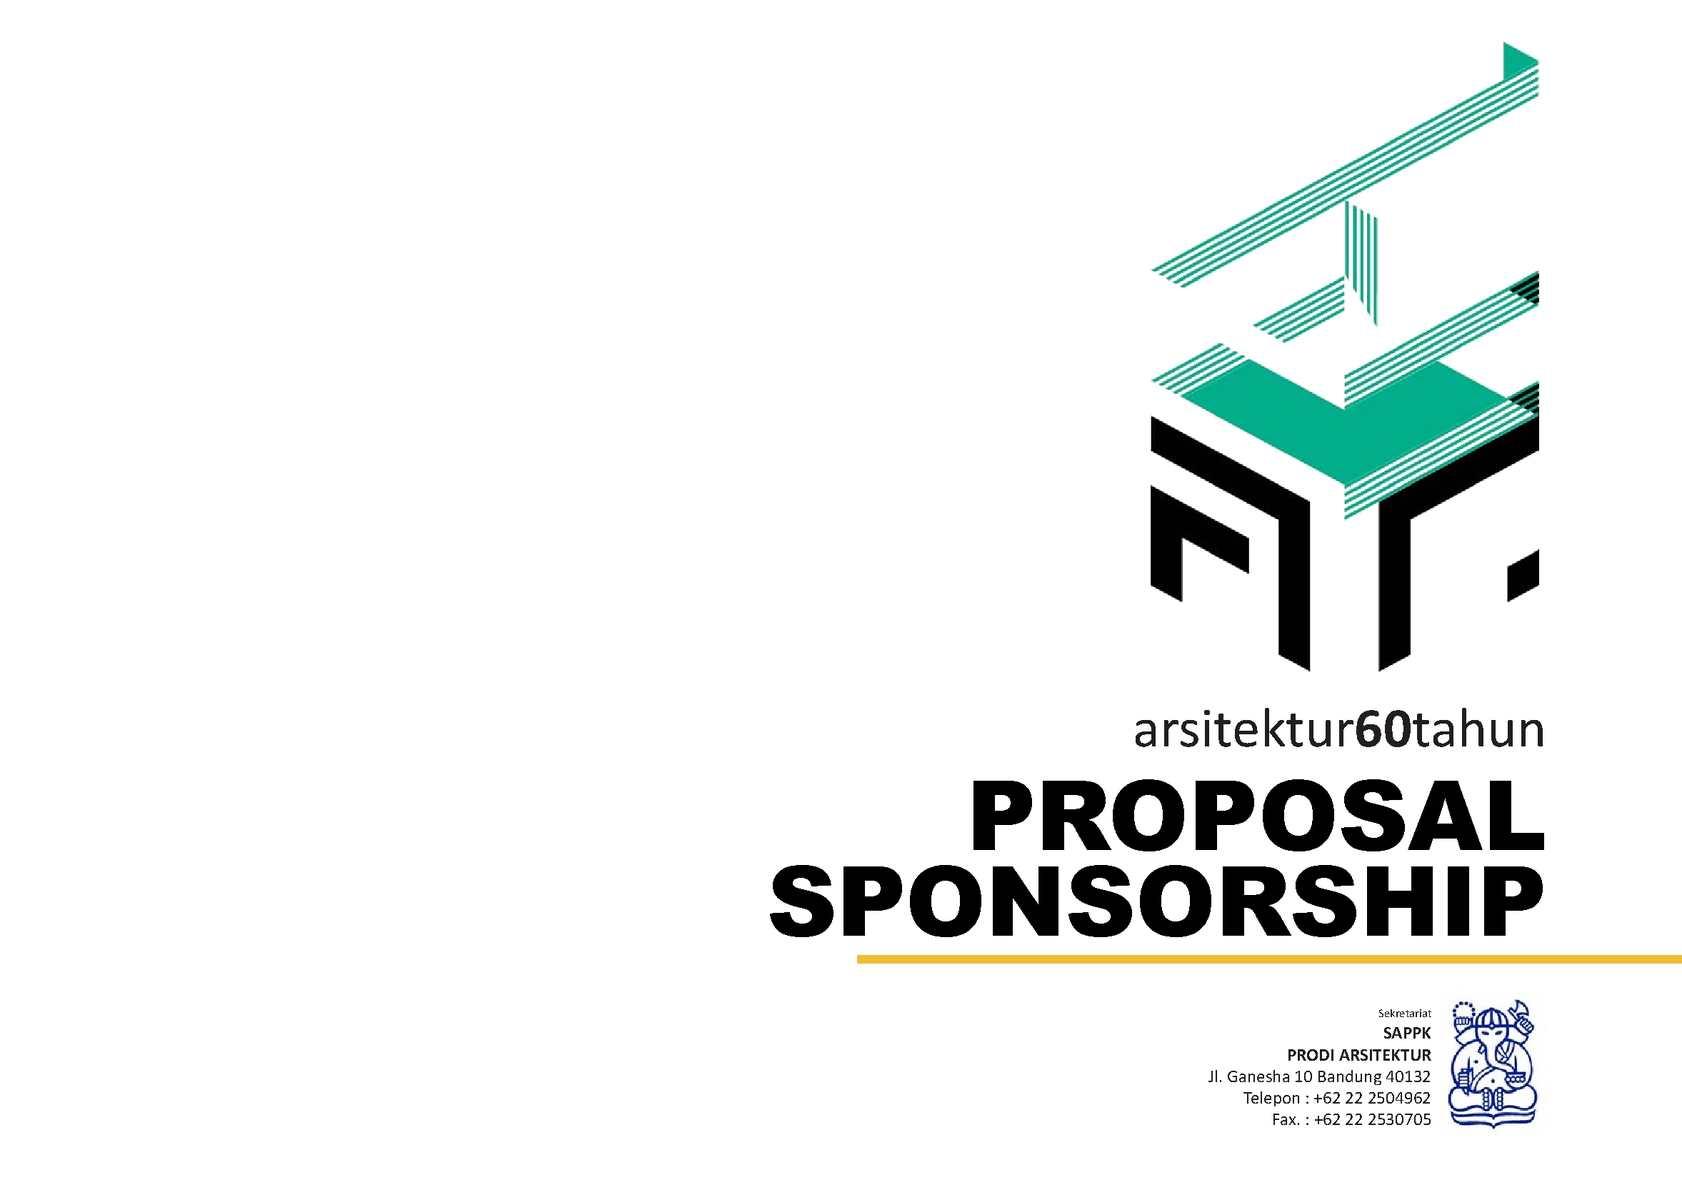 Calaméo Ar60tahun Proposal Sponsorship